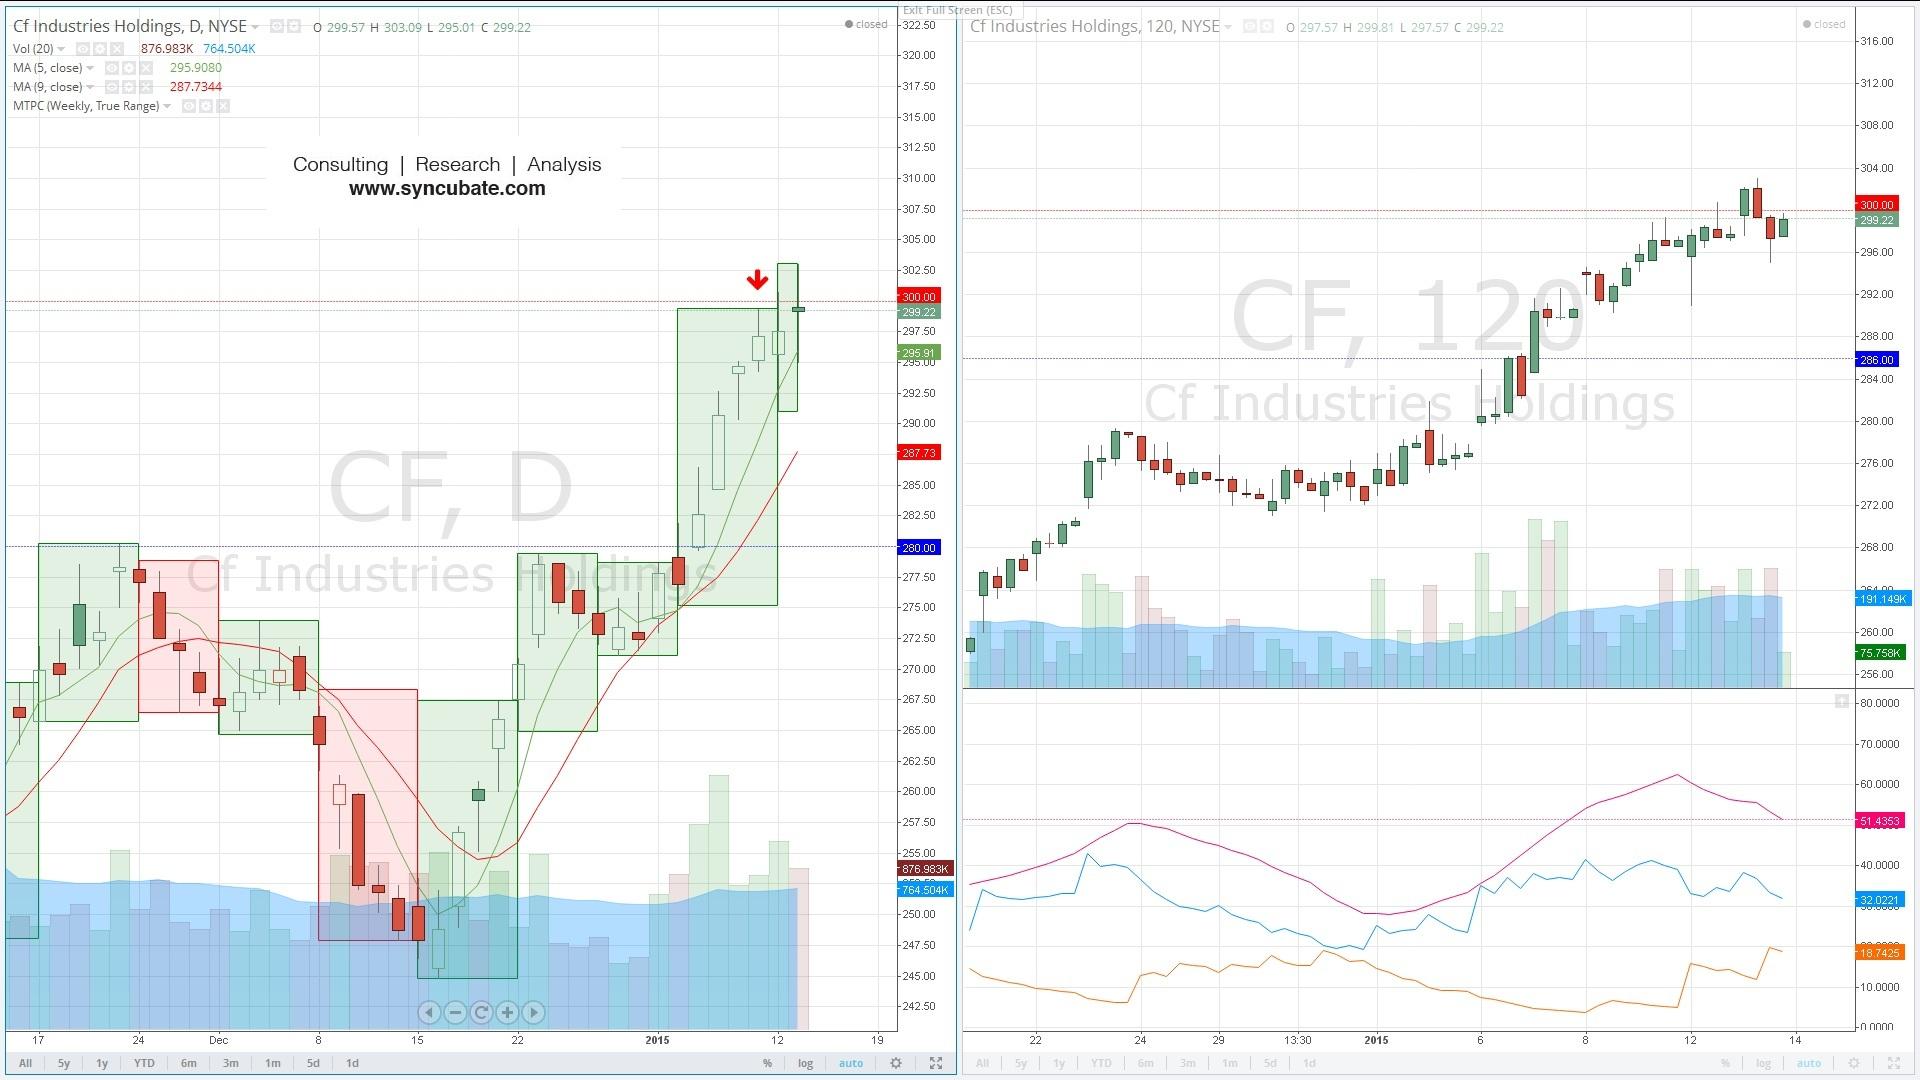 $CF : CF Industries Holdings, Inc.